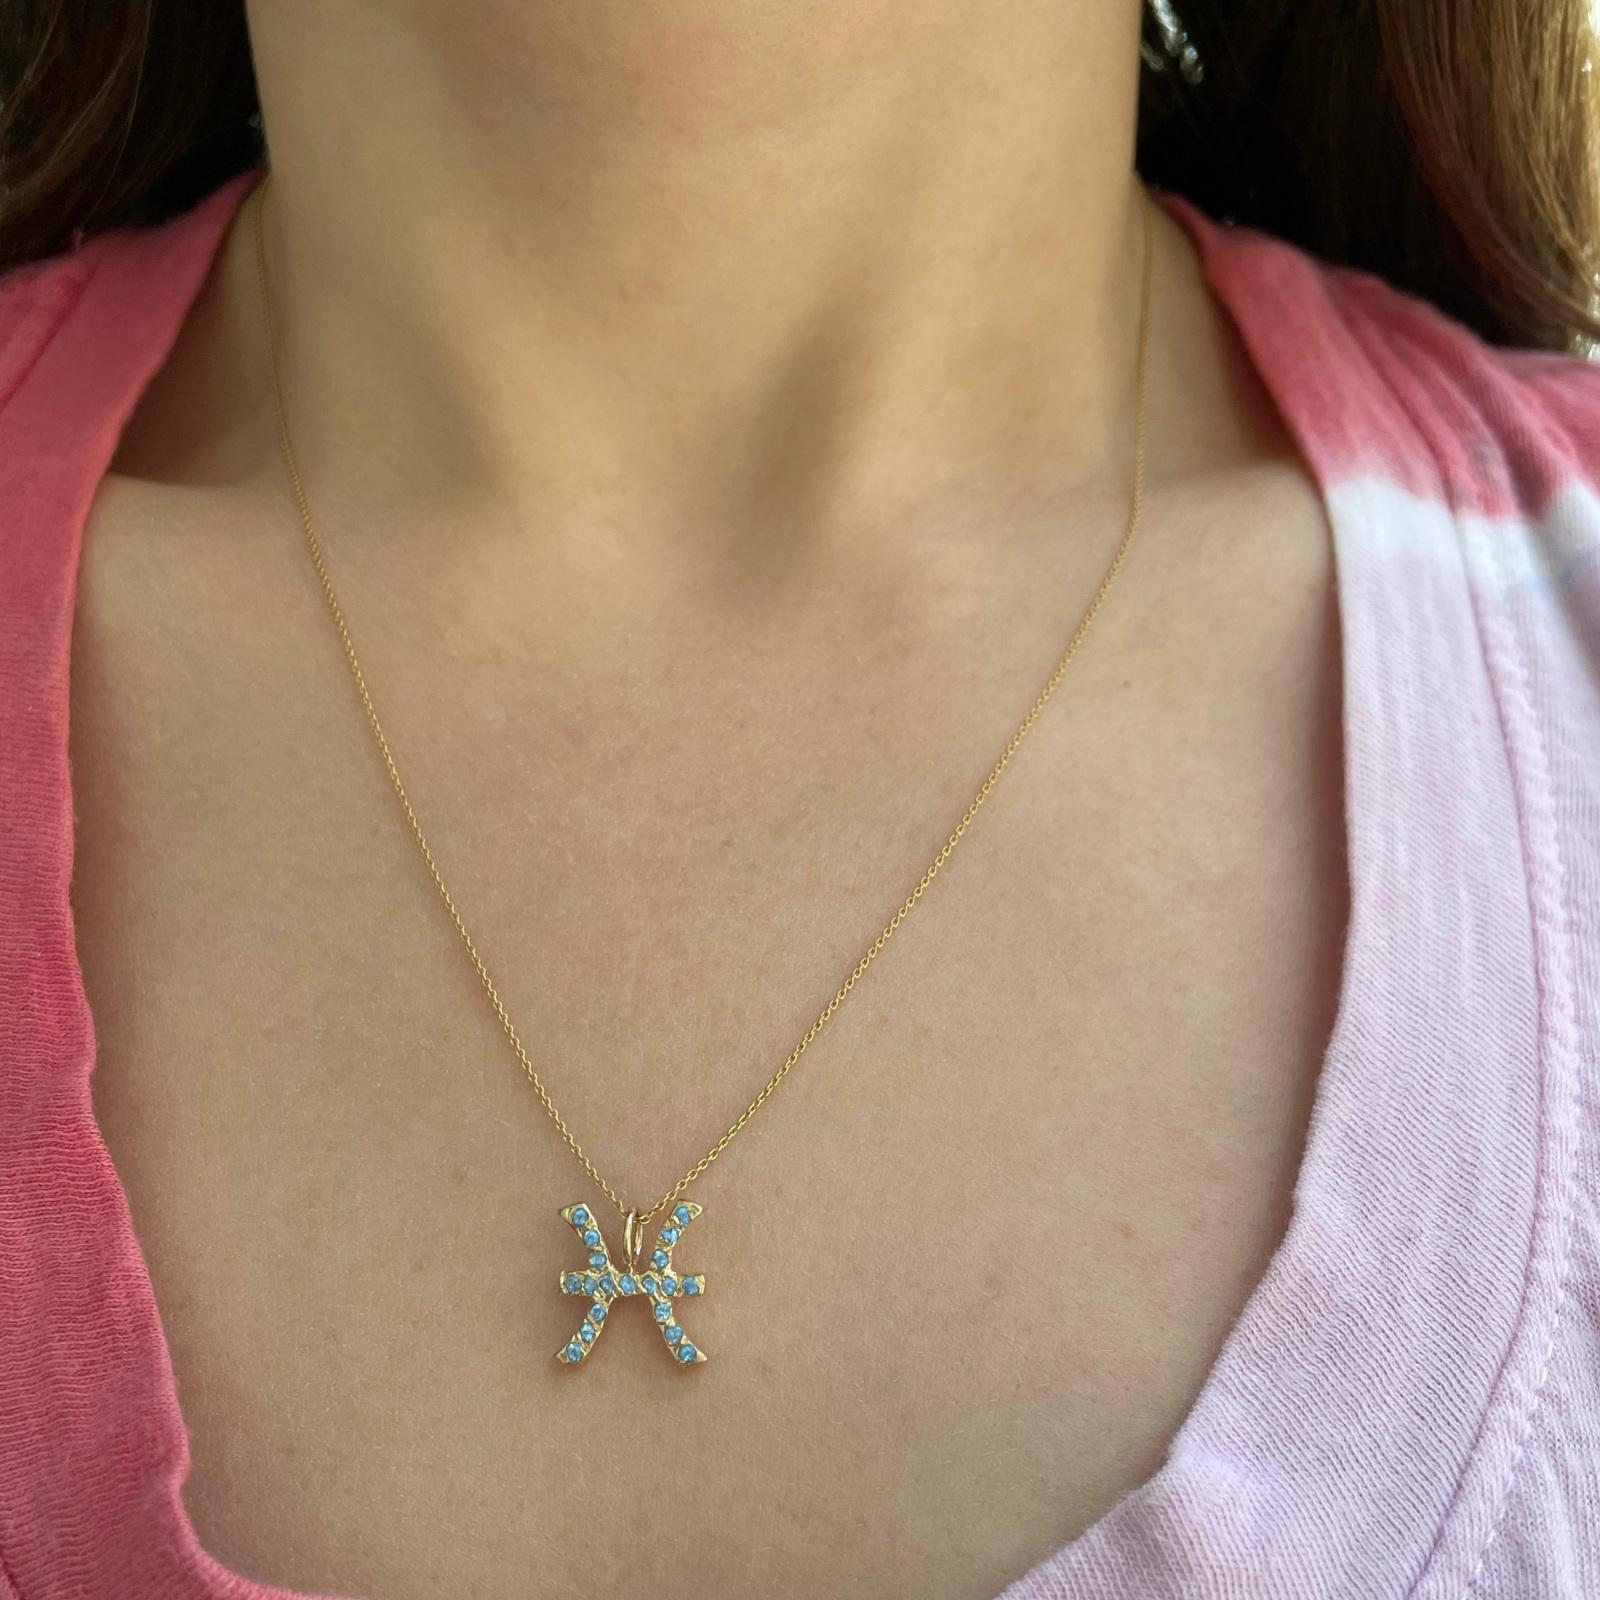 Pisces zodiac sign charm pendant necklace